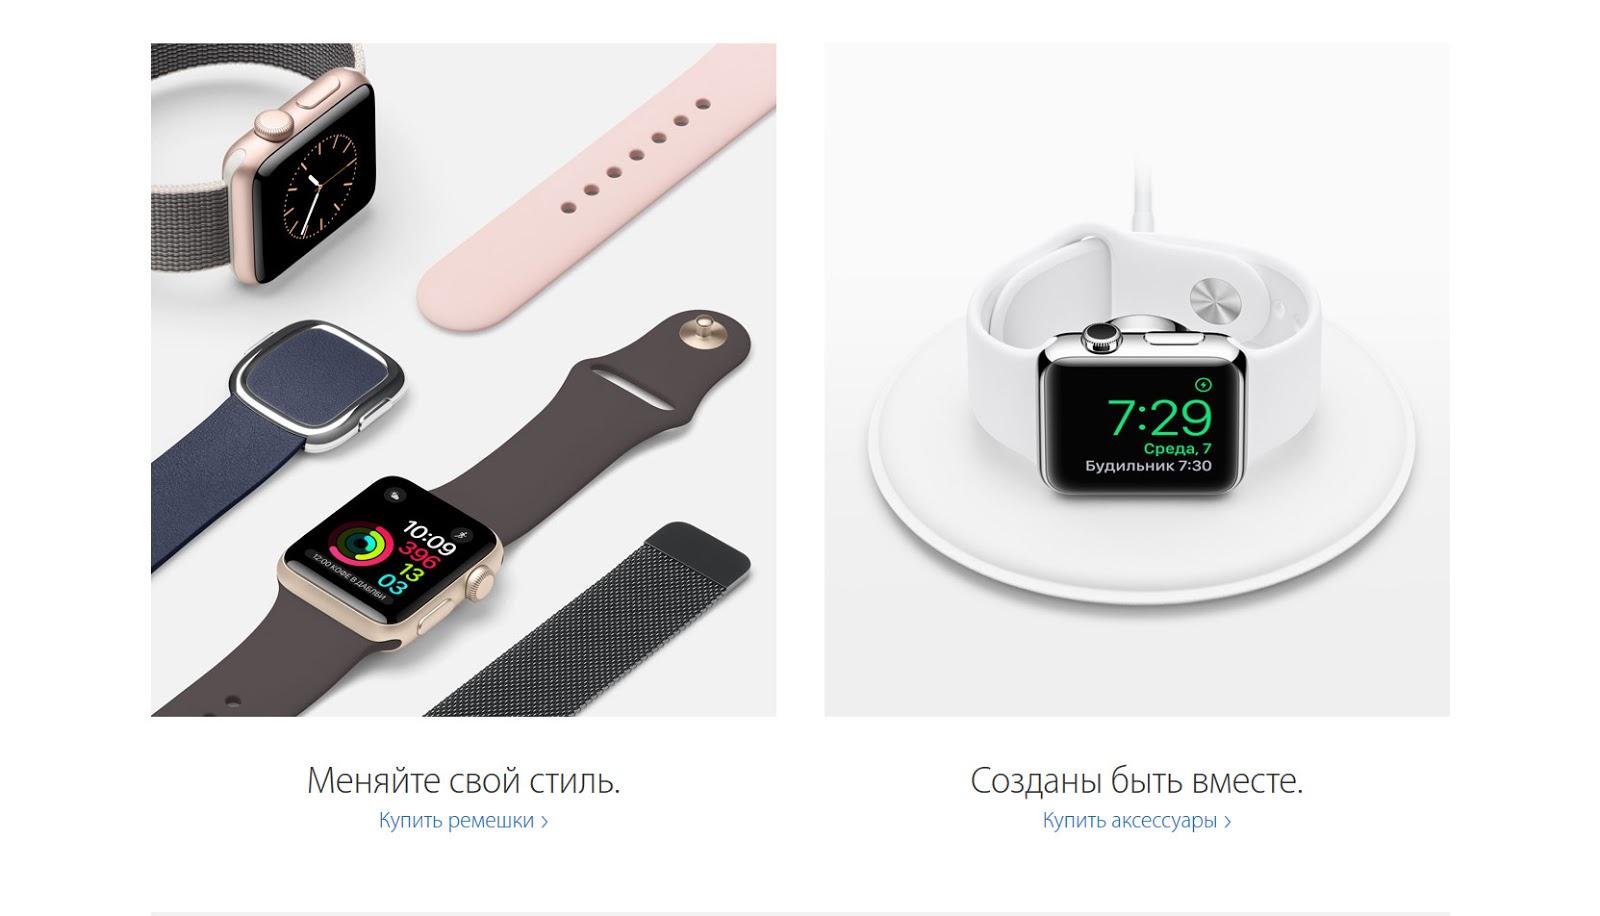 Мультилендинг часы Smart Baby Watch 003